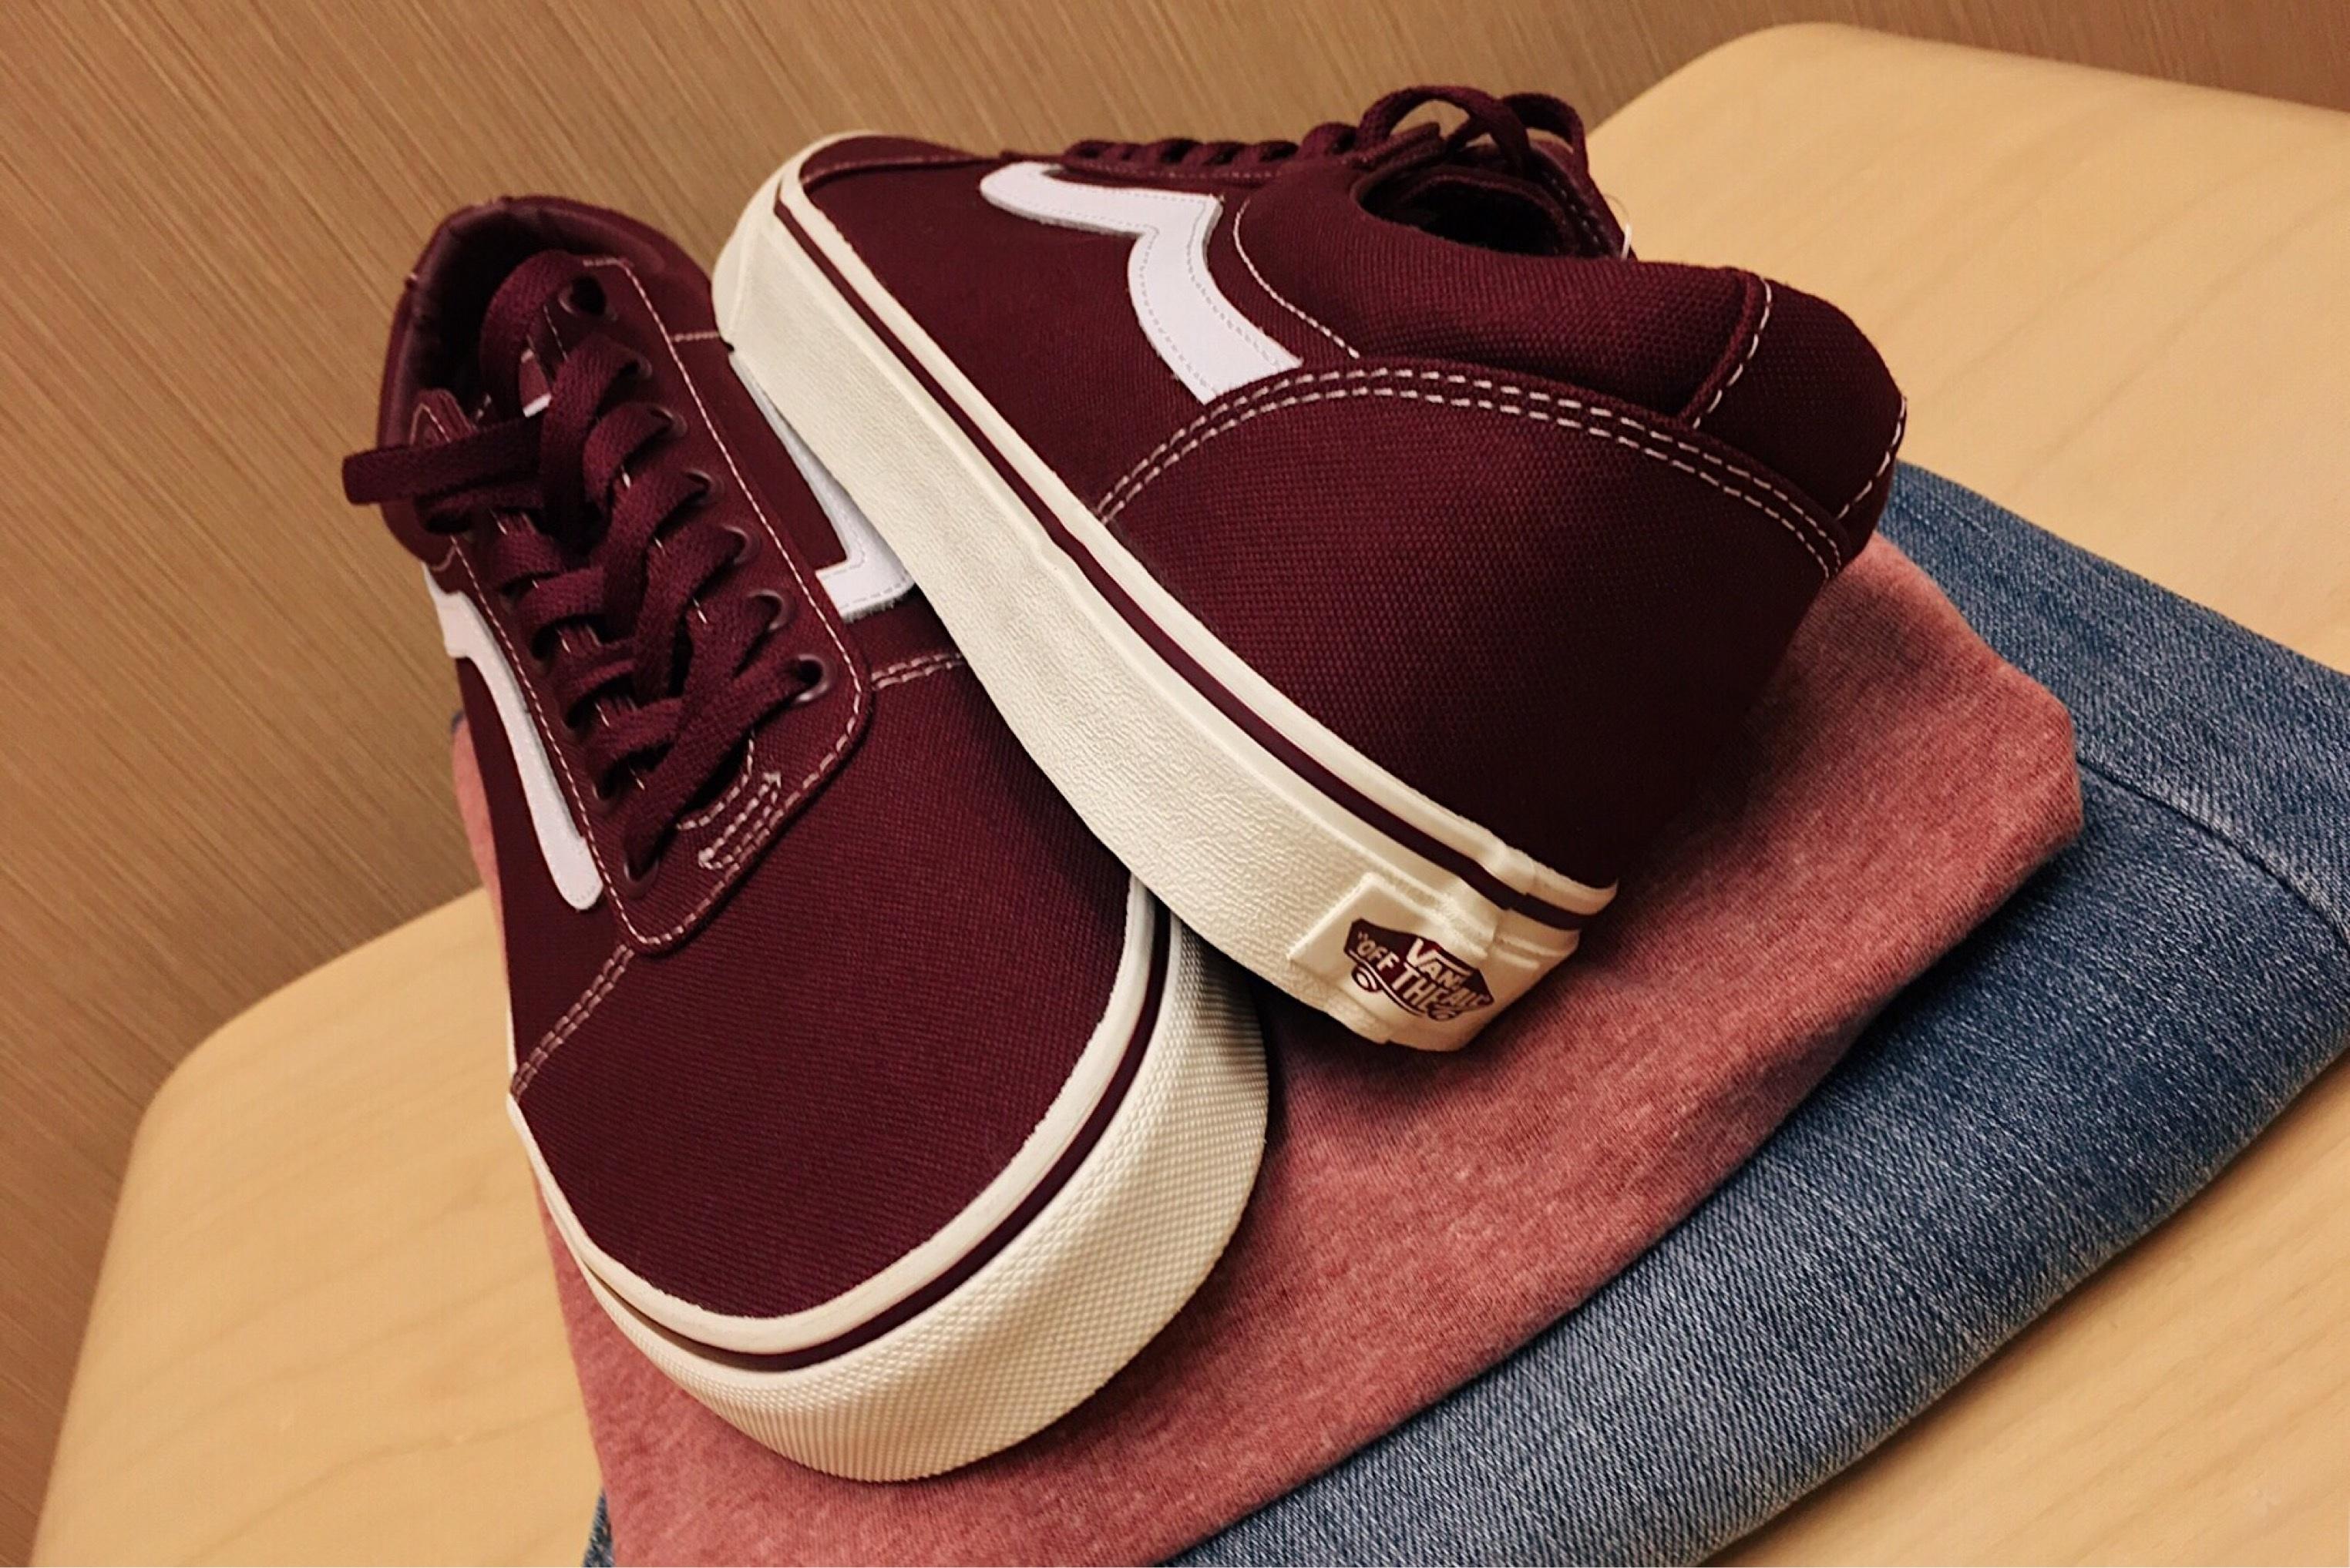 dad63086 zapato cuero pierna rojo marrón Moda ropa Hipster marca Zapatos zapatillas  calzado estilo magenta granate Zapato